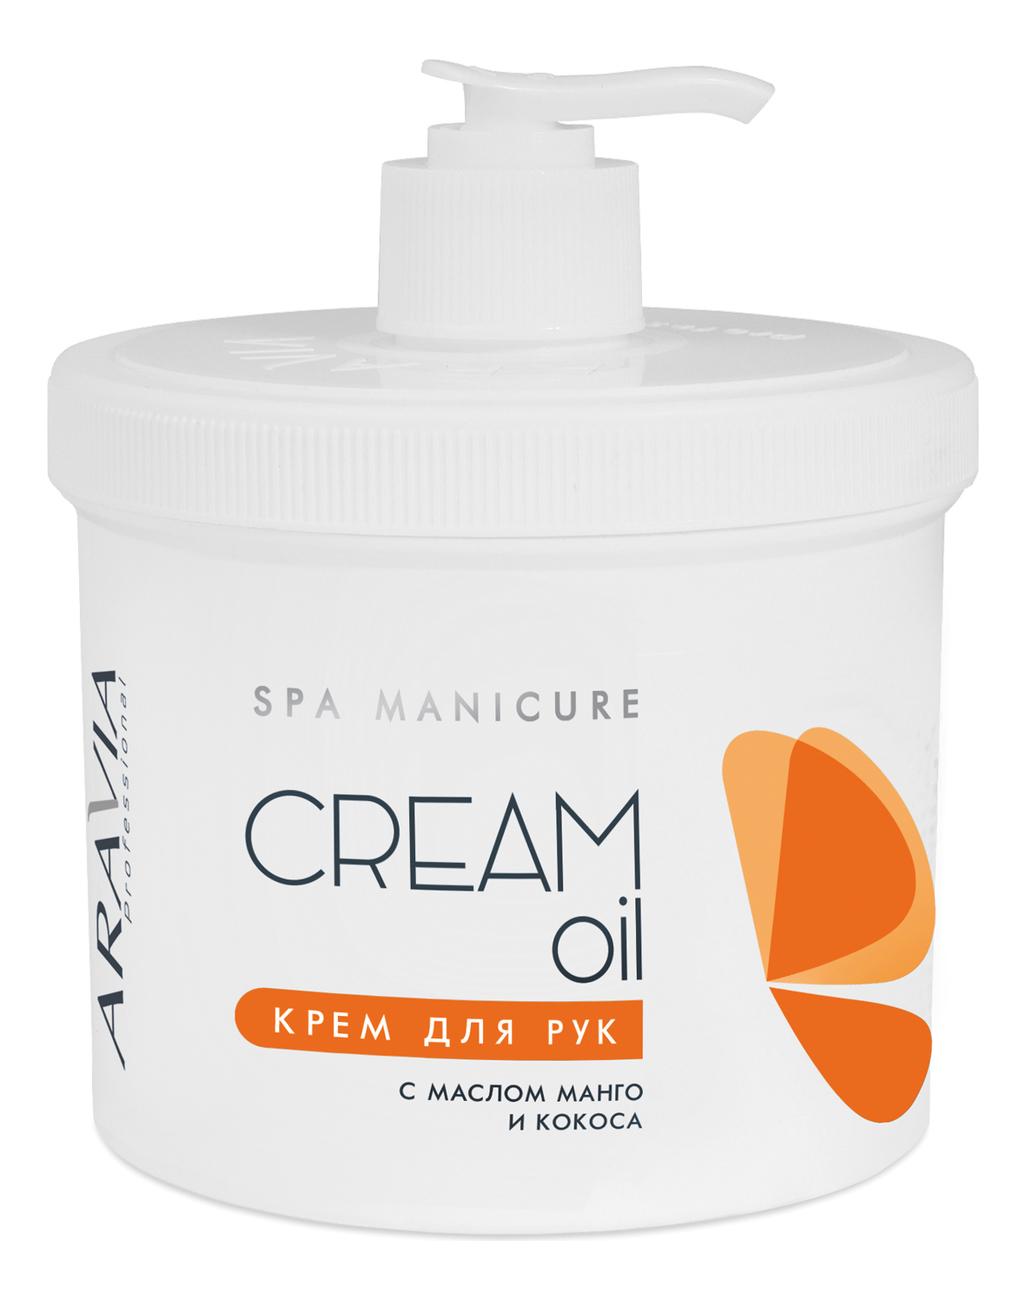 Крем для рук с маслом кокоса и манго Professional Cream Oil 550мл крем для рук с маслом арганы и сладкого миндаля professional cream oil 550мл